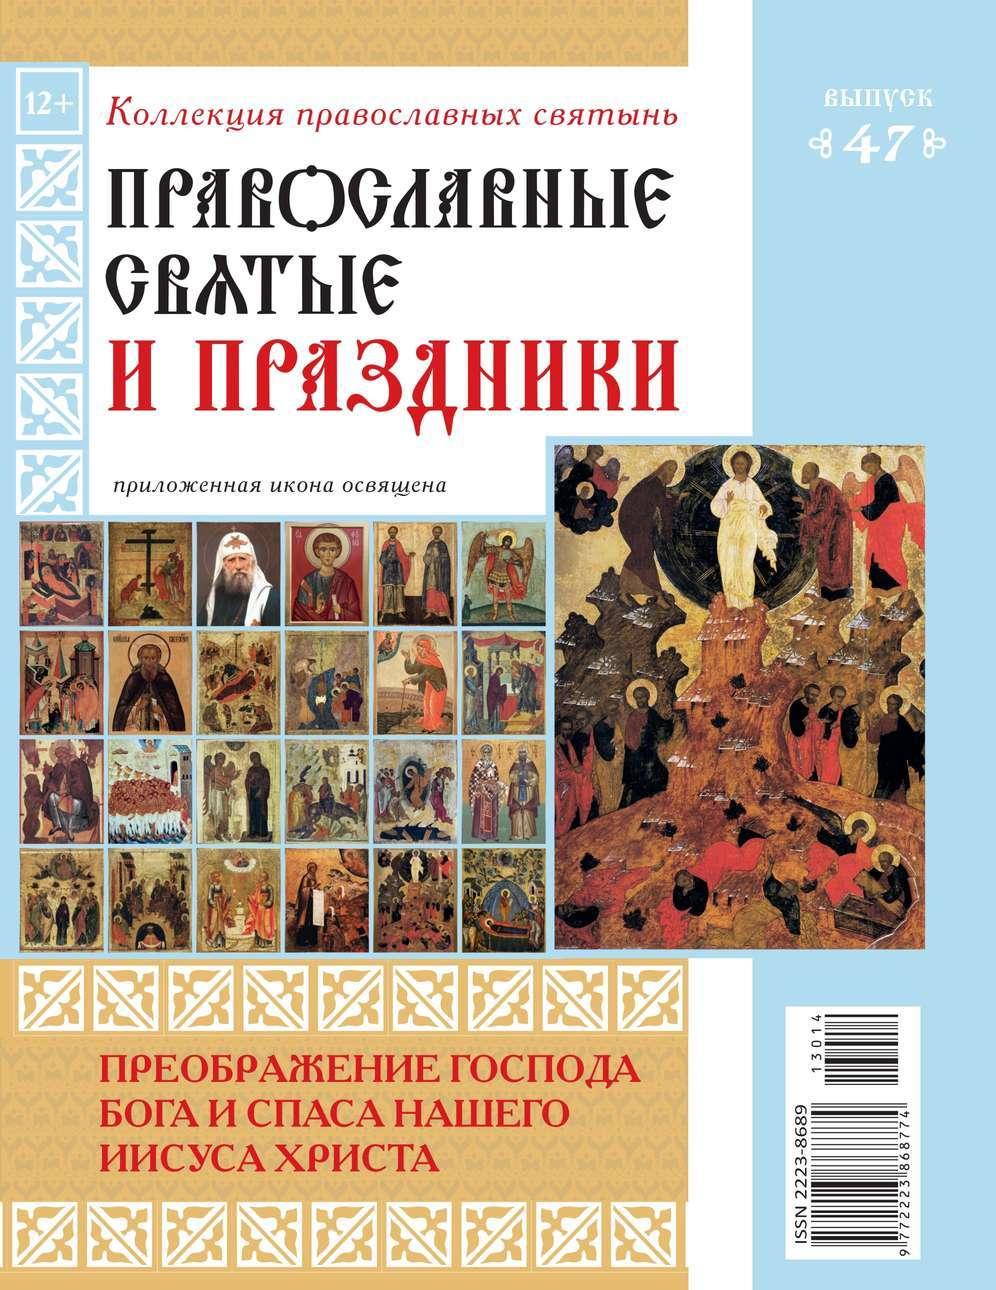 Коллекция Православных Святынь 47